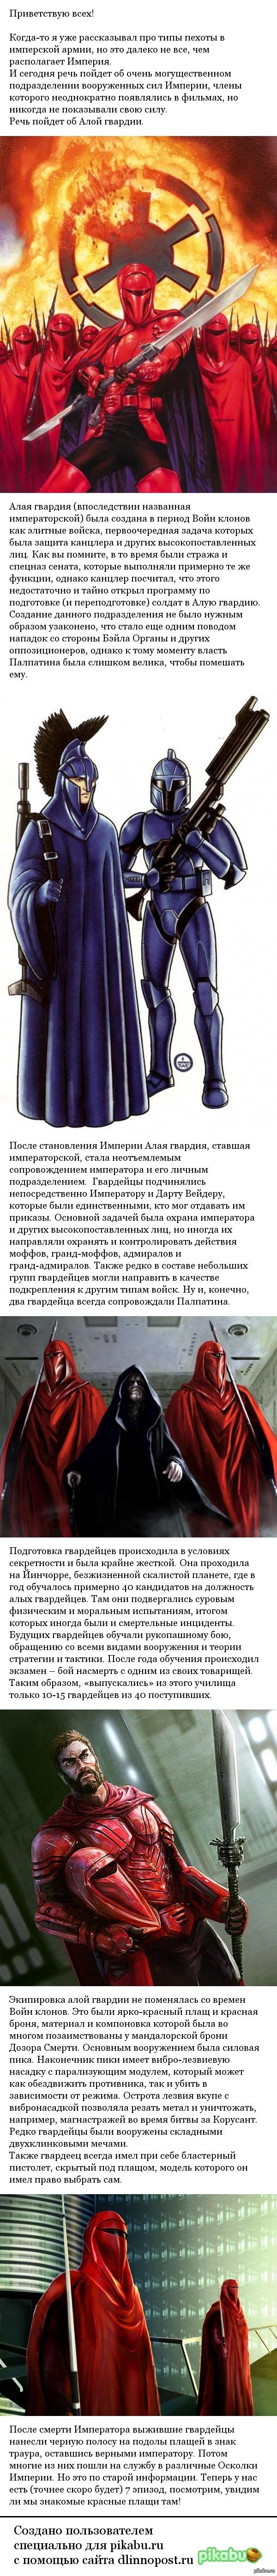 Звездные войны: Алая гвардия - личная охрана Императора. «Гвардеец не ищет особых привилегий. Никогда. Высшая цель его жизни — служение Императору и созданному им Новому порядку.»